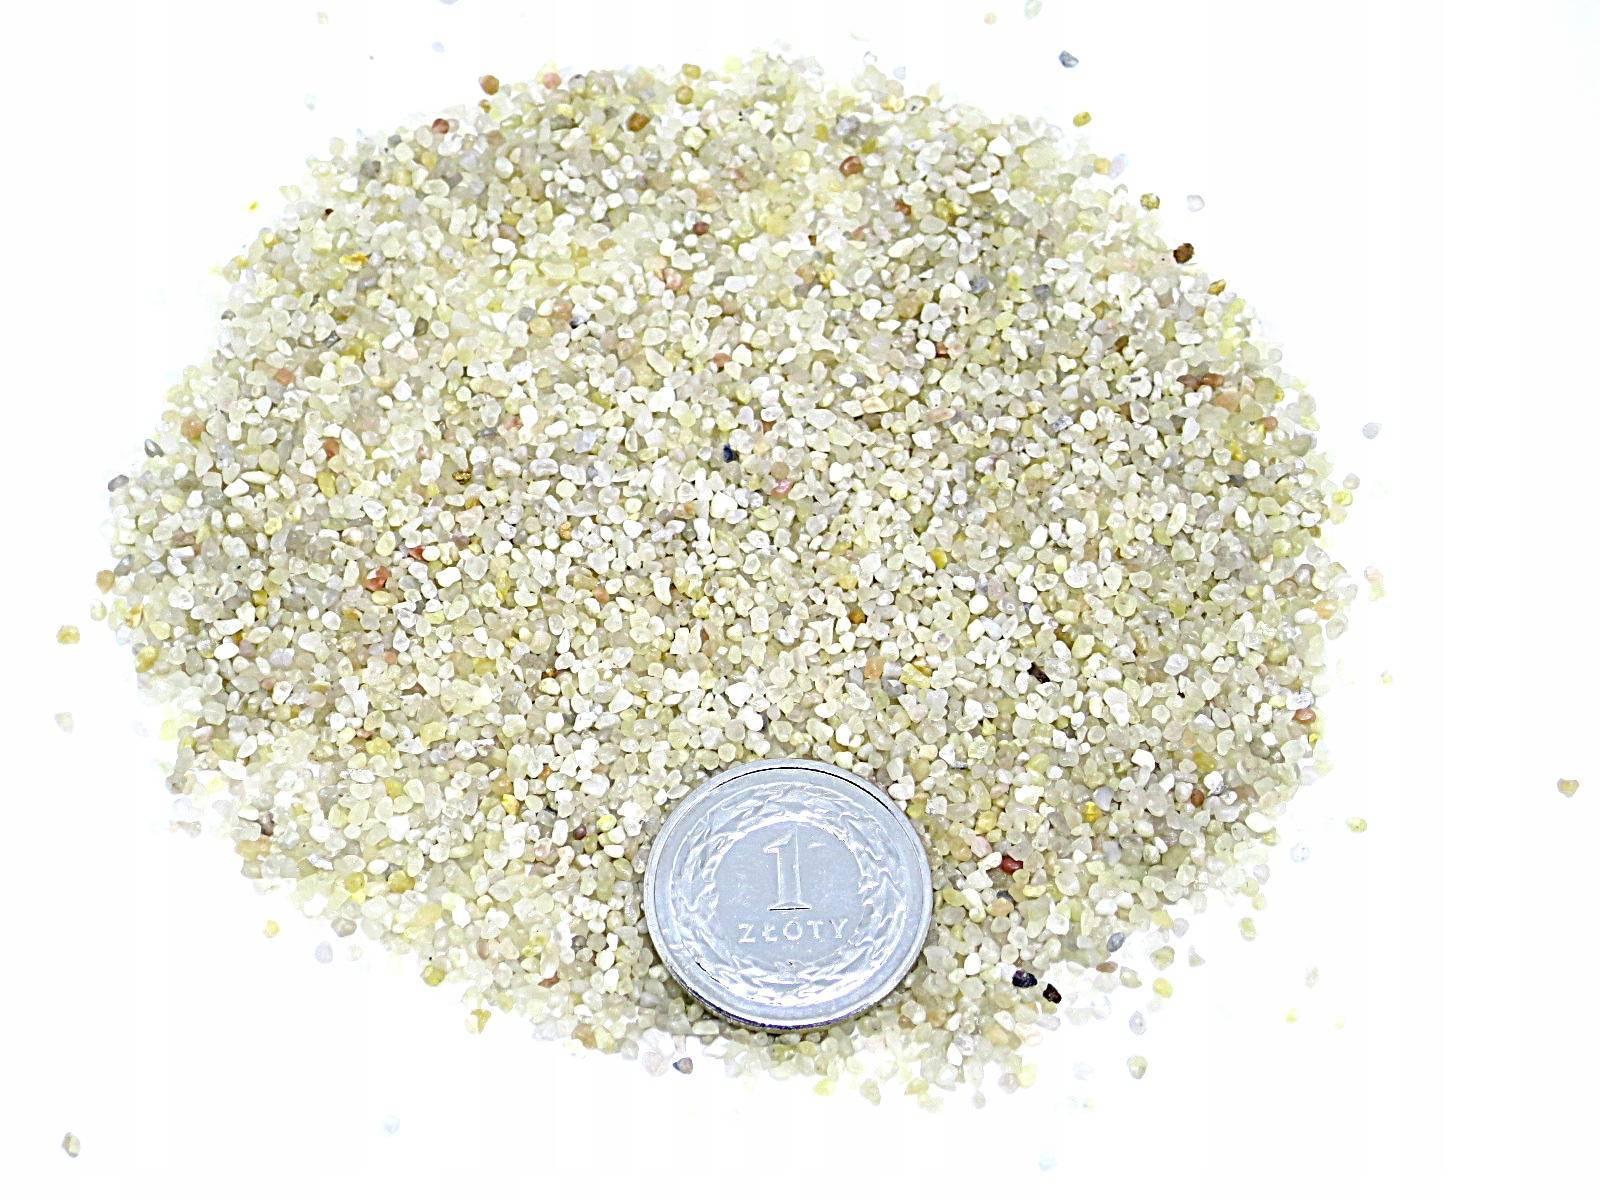 Грунт для аквариума: какой лучше, какой выбрать, сколько грунта, расчет, как подготовить, песок для аквариума, черный грунт, кварцевый песок, гравий, кварц